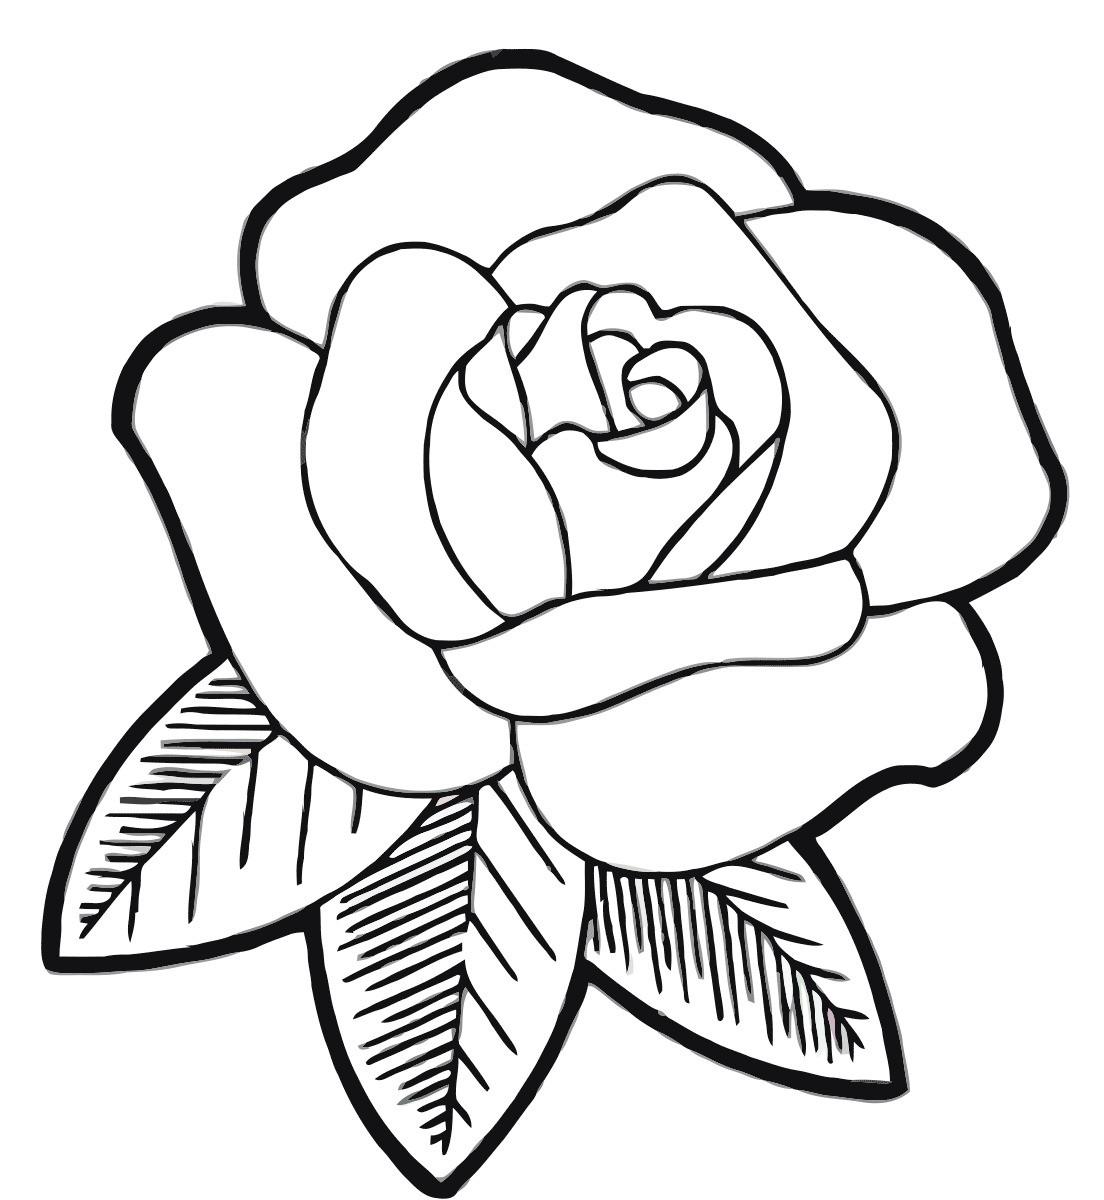 Mandala Zum Ausdrucken Rosen Einzigartig Hier Finden Sie Schöne Blumen Ausmalbilder Zum Ausdrucken Schauen Bilder